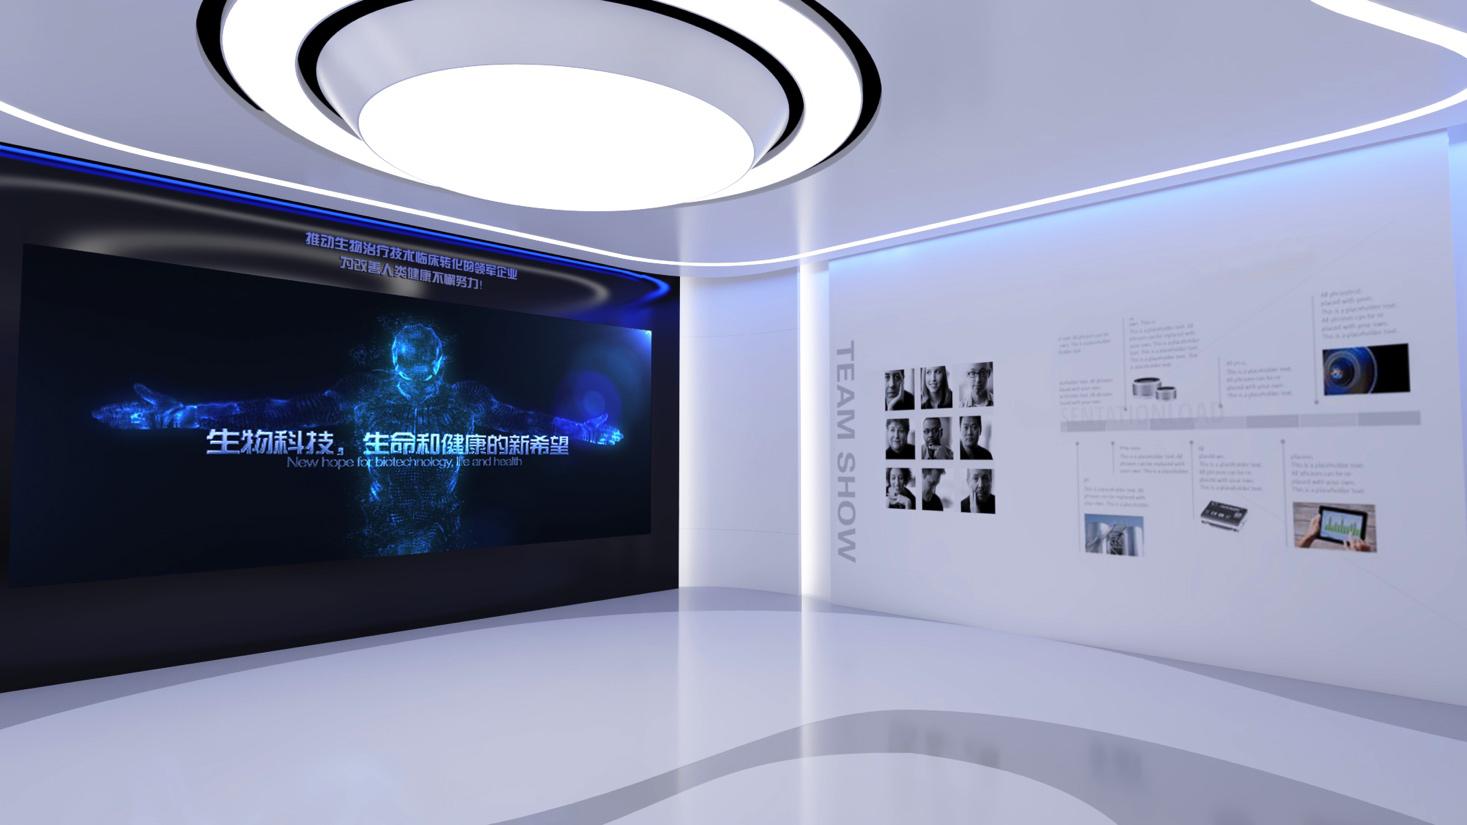 企业营销型展厅设计合作量化不断实现的原因是什么?